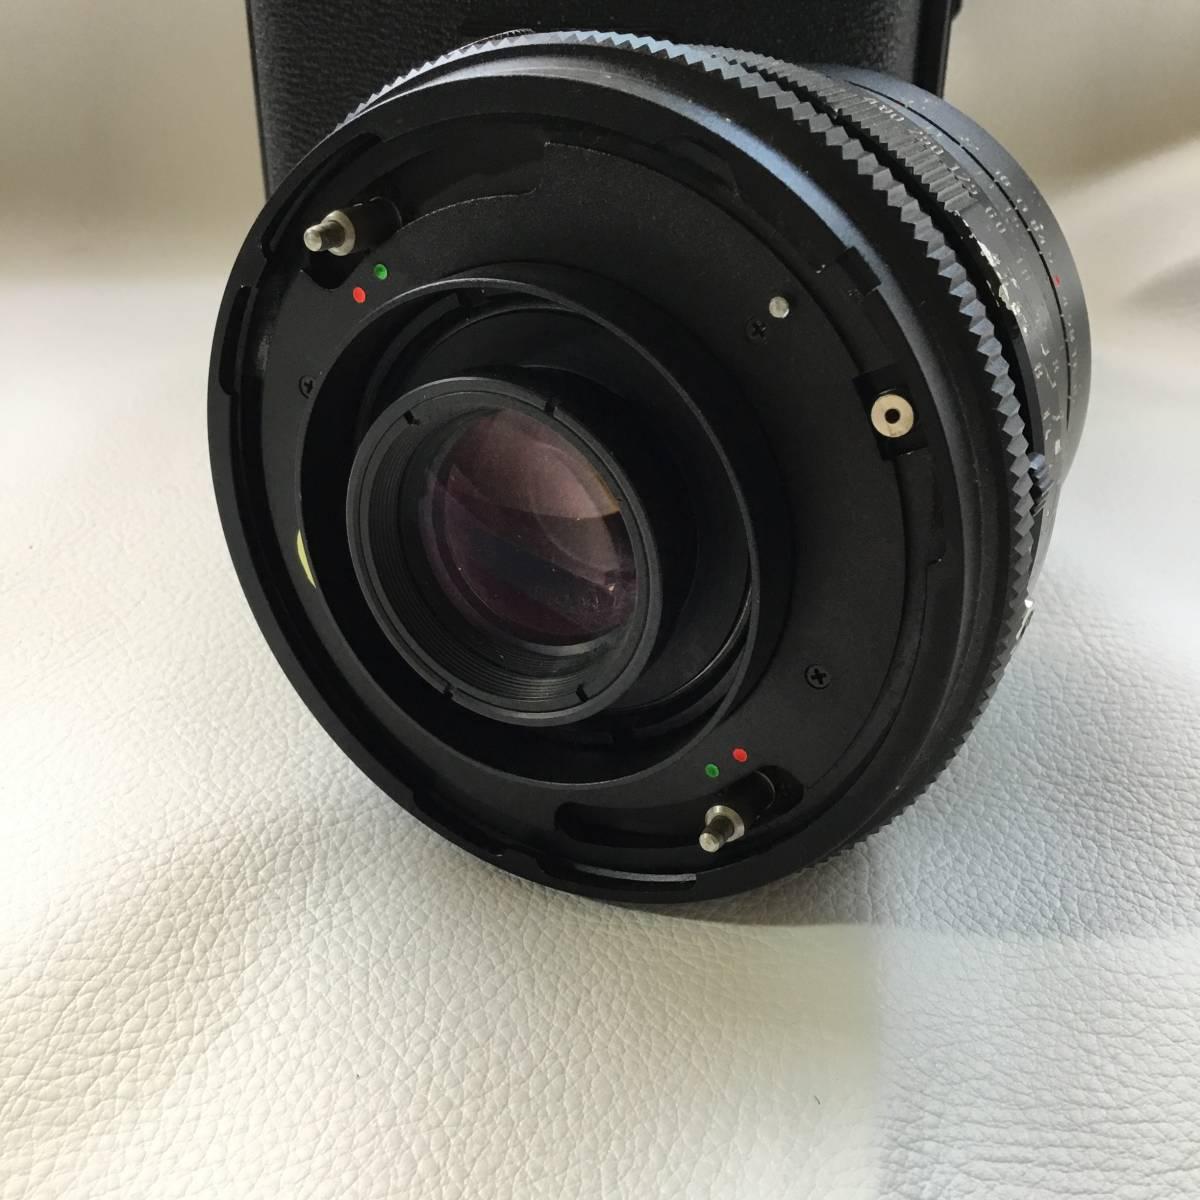 マミヤ Mamiya RB67 PROFESSIONAL S MAMIYA-SEKOR C f=65mm 中判カメラ_画像10